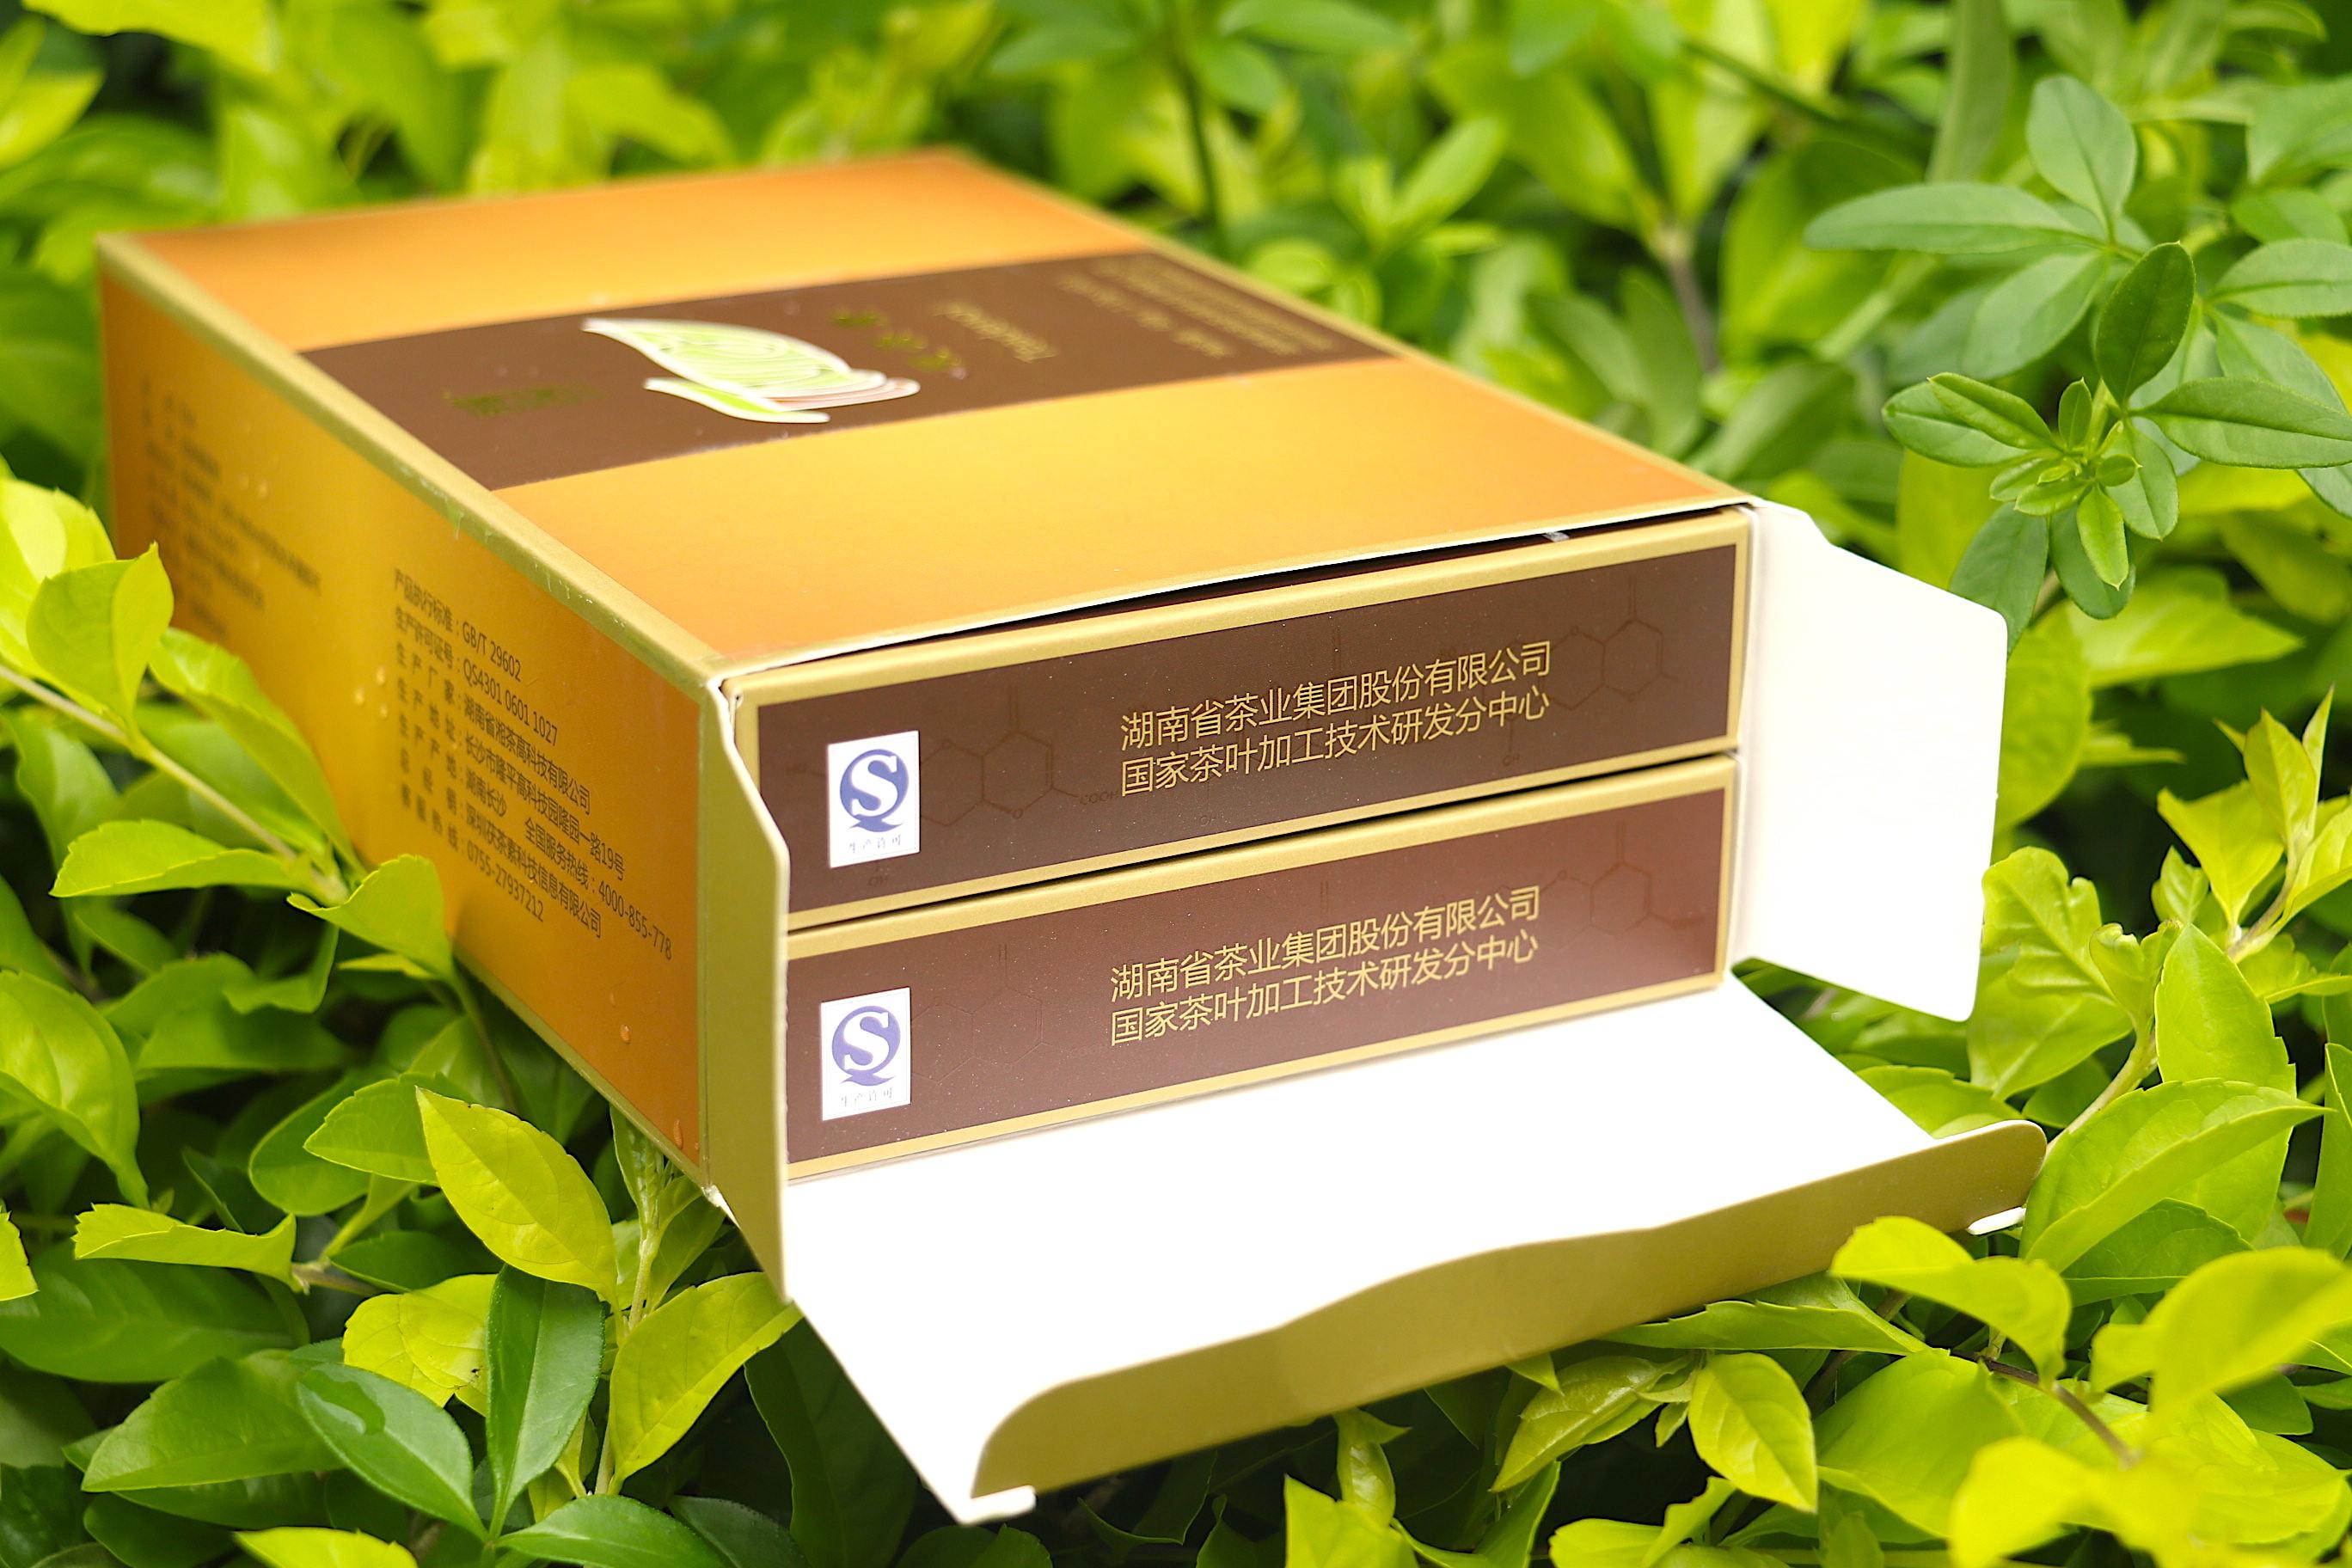 茯茶素茶叶的功效,科技茯茶素调理好系统性慢病, 茯茶素的三大功效